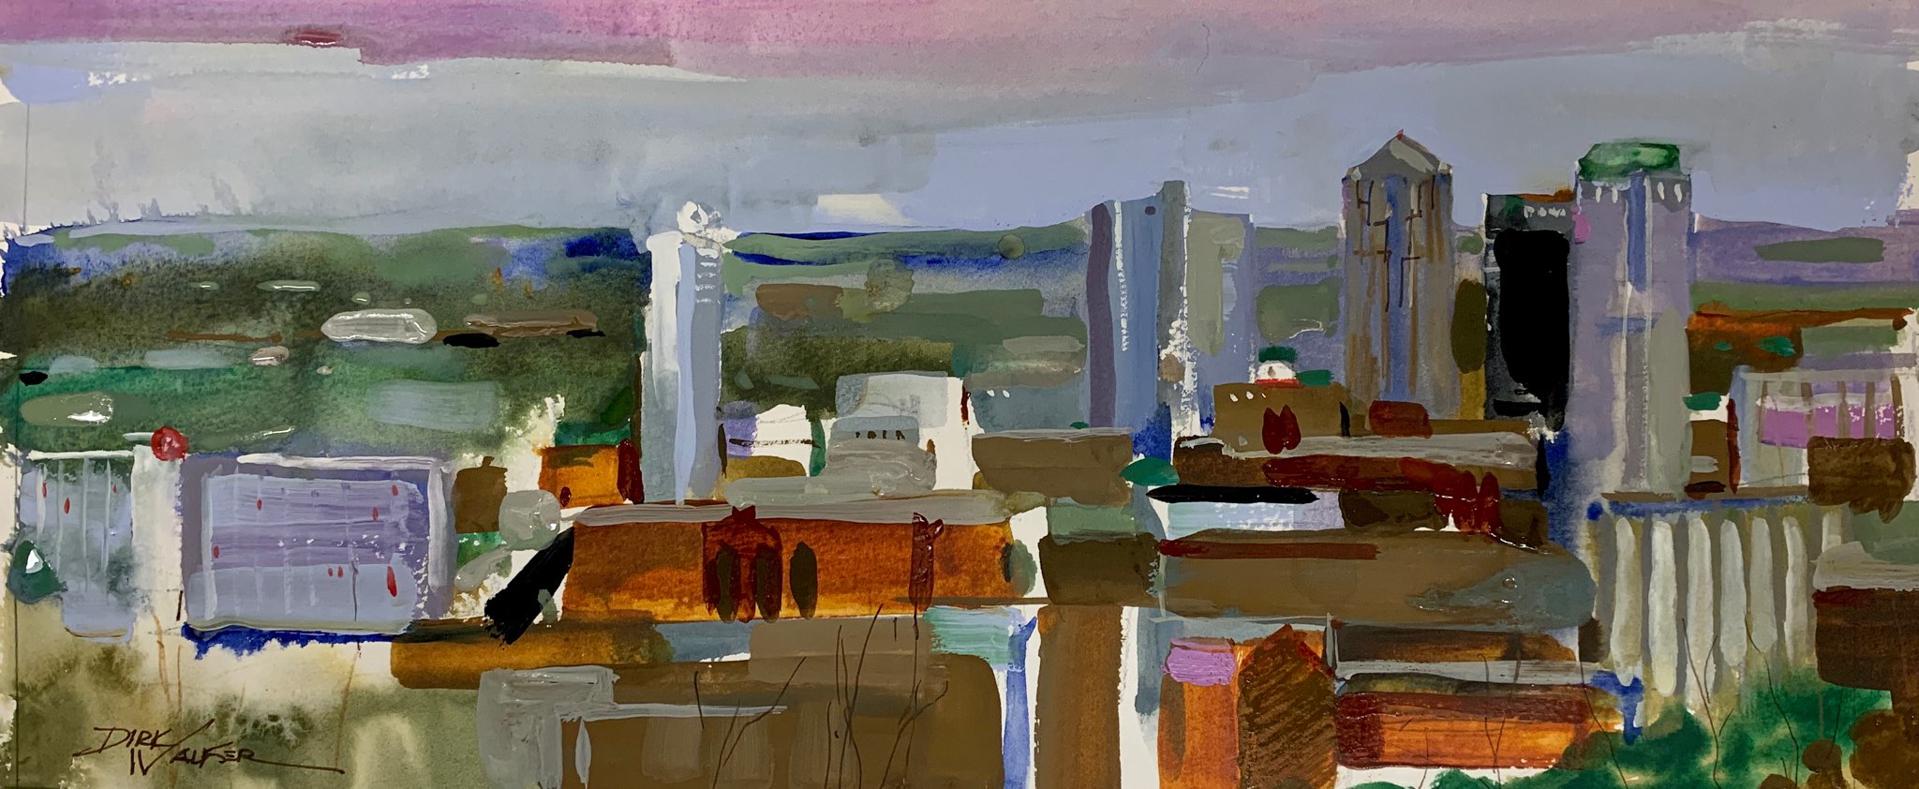 Birmingham Skyline by Dirk Walker